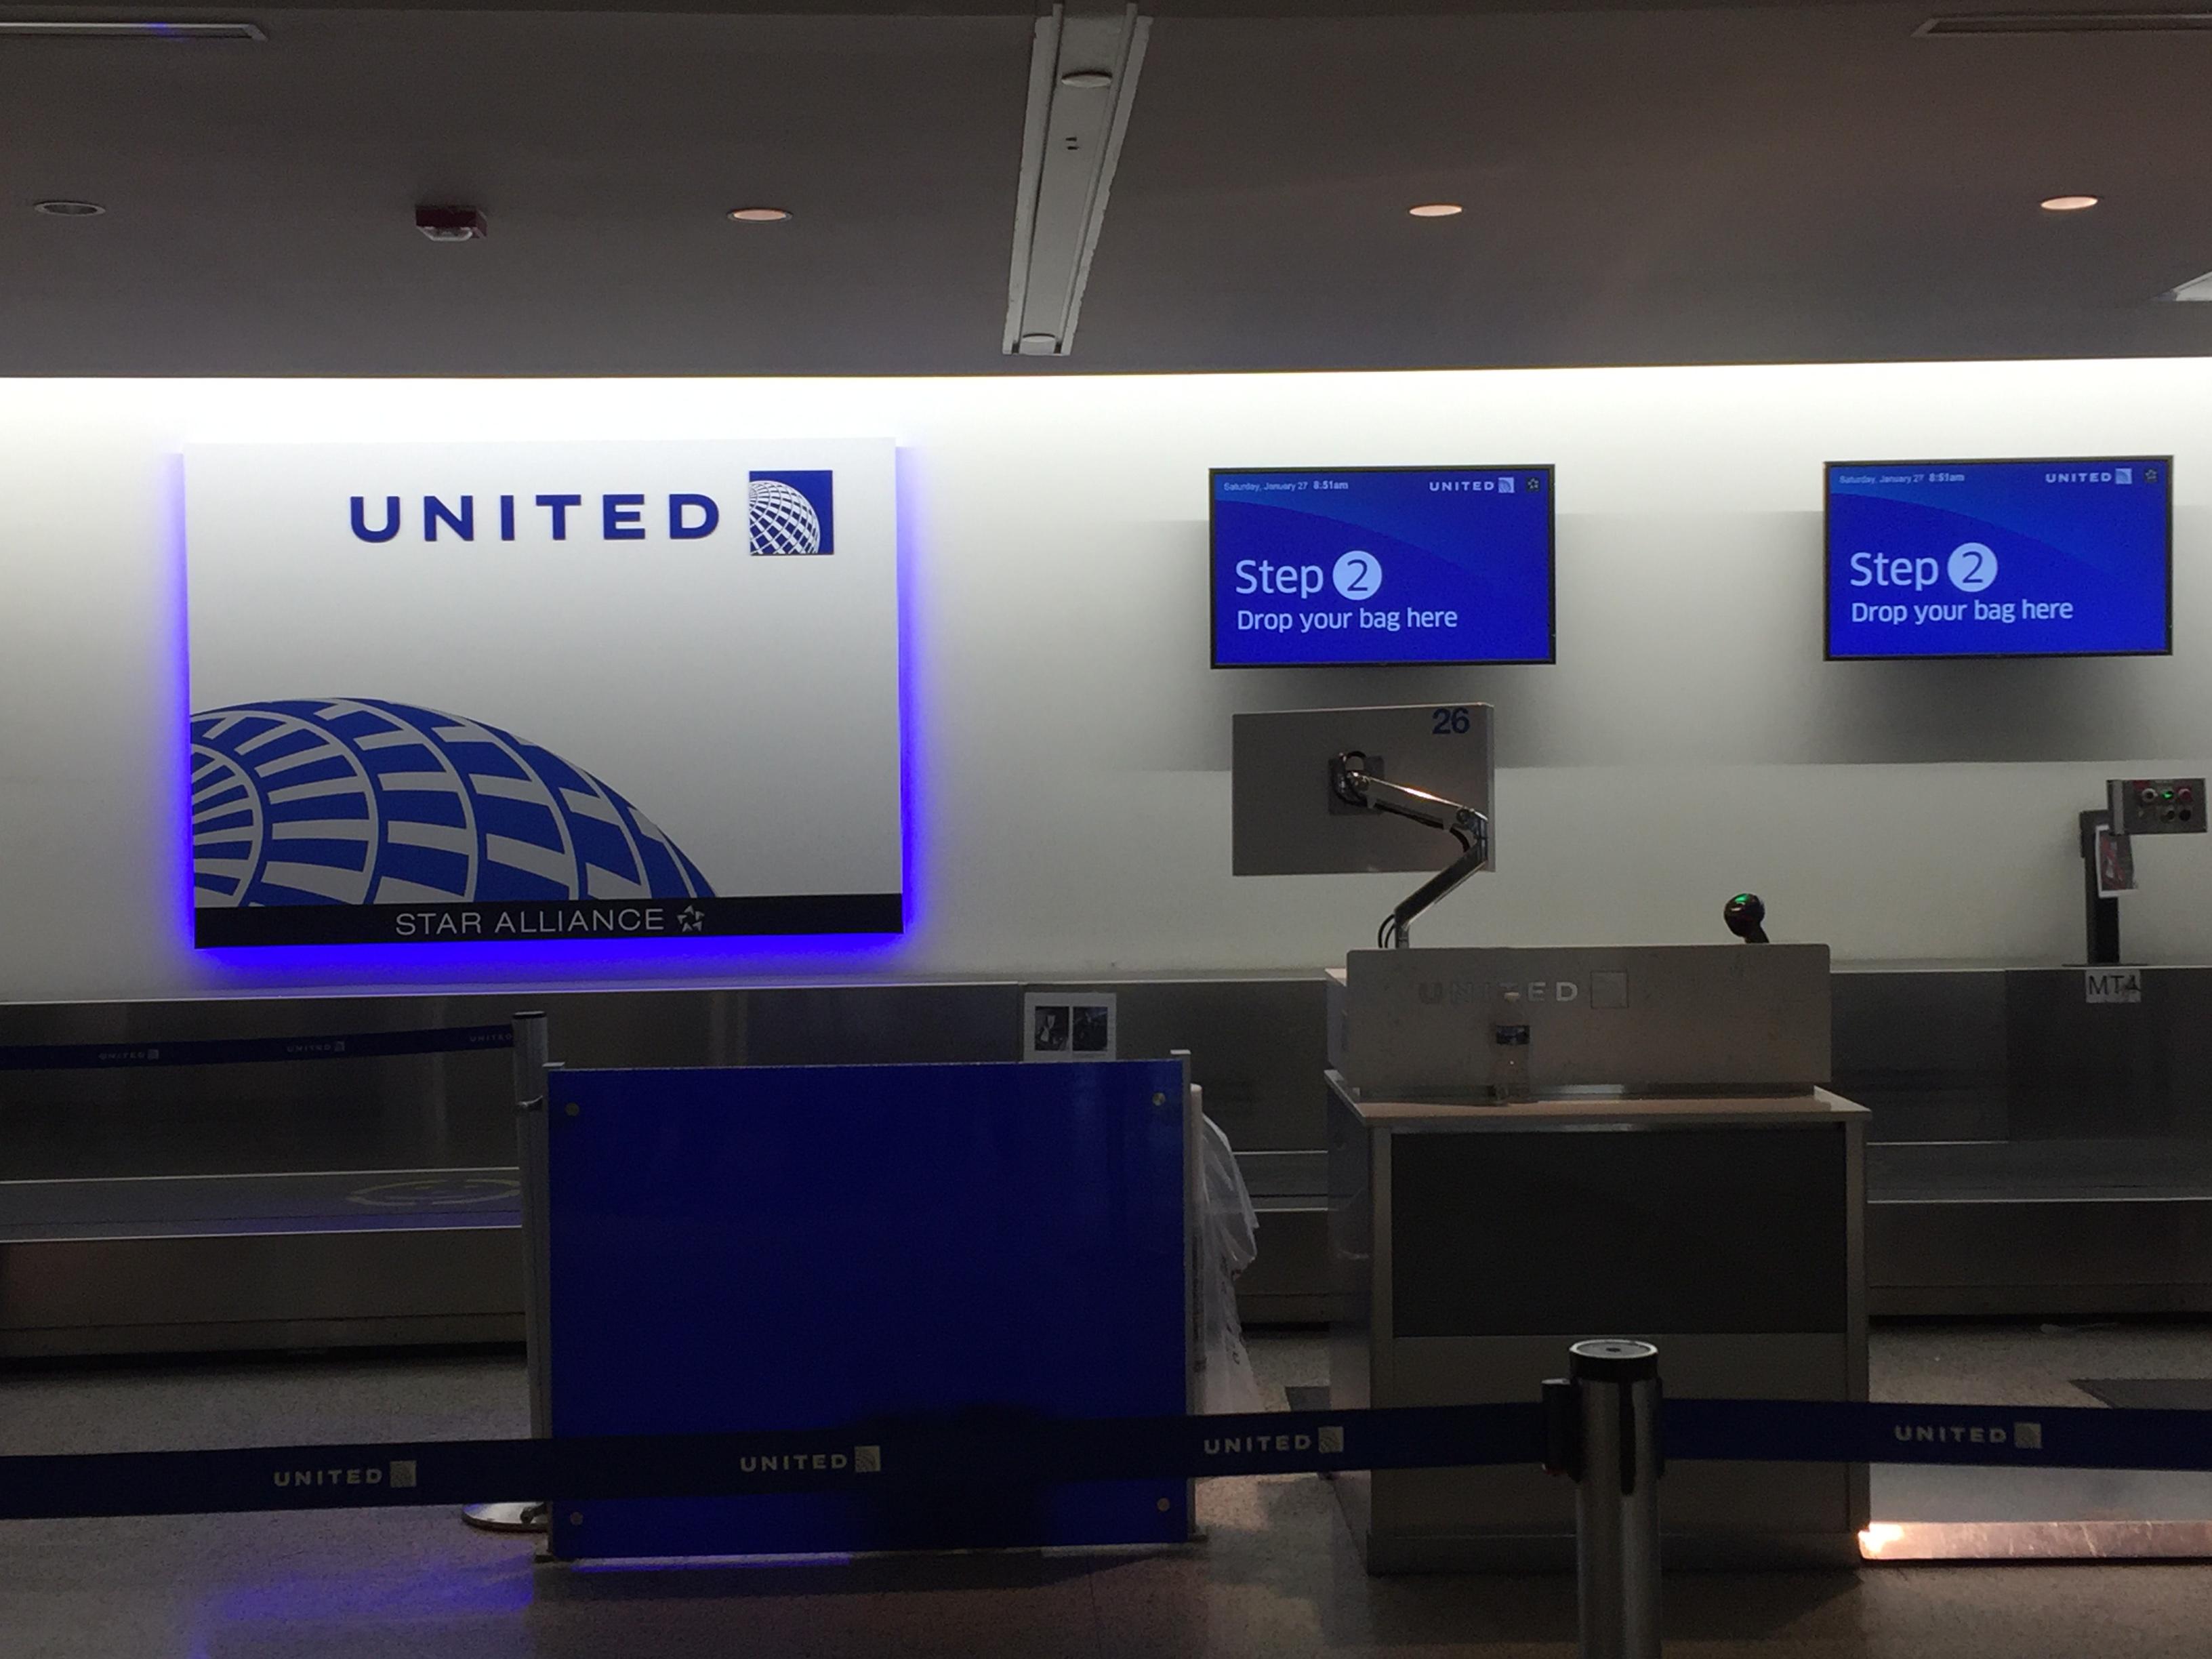 IMG 3567 - Haciendo el check in automático de United en Newark